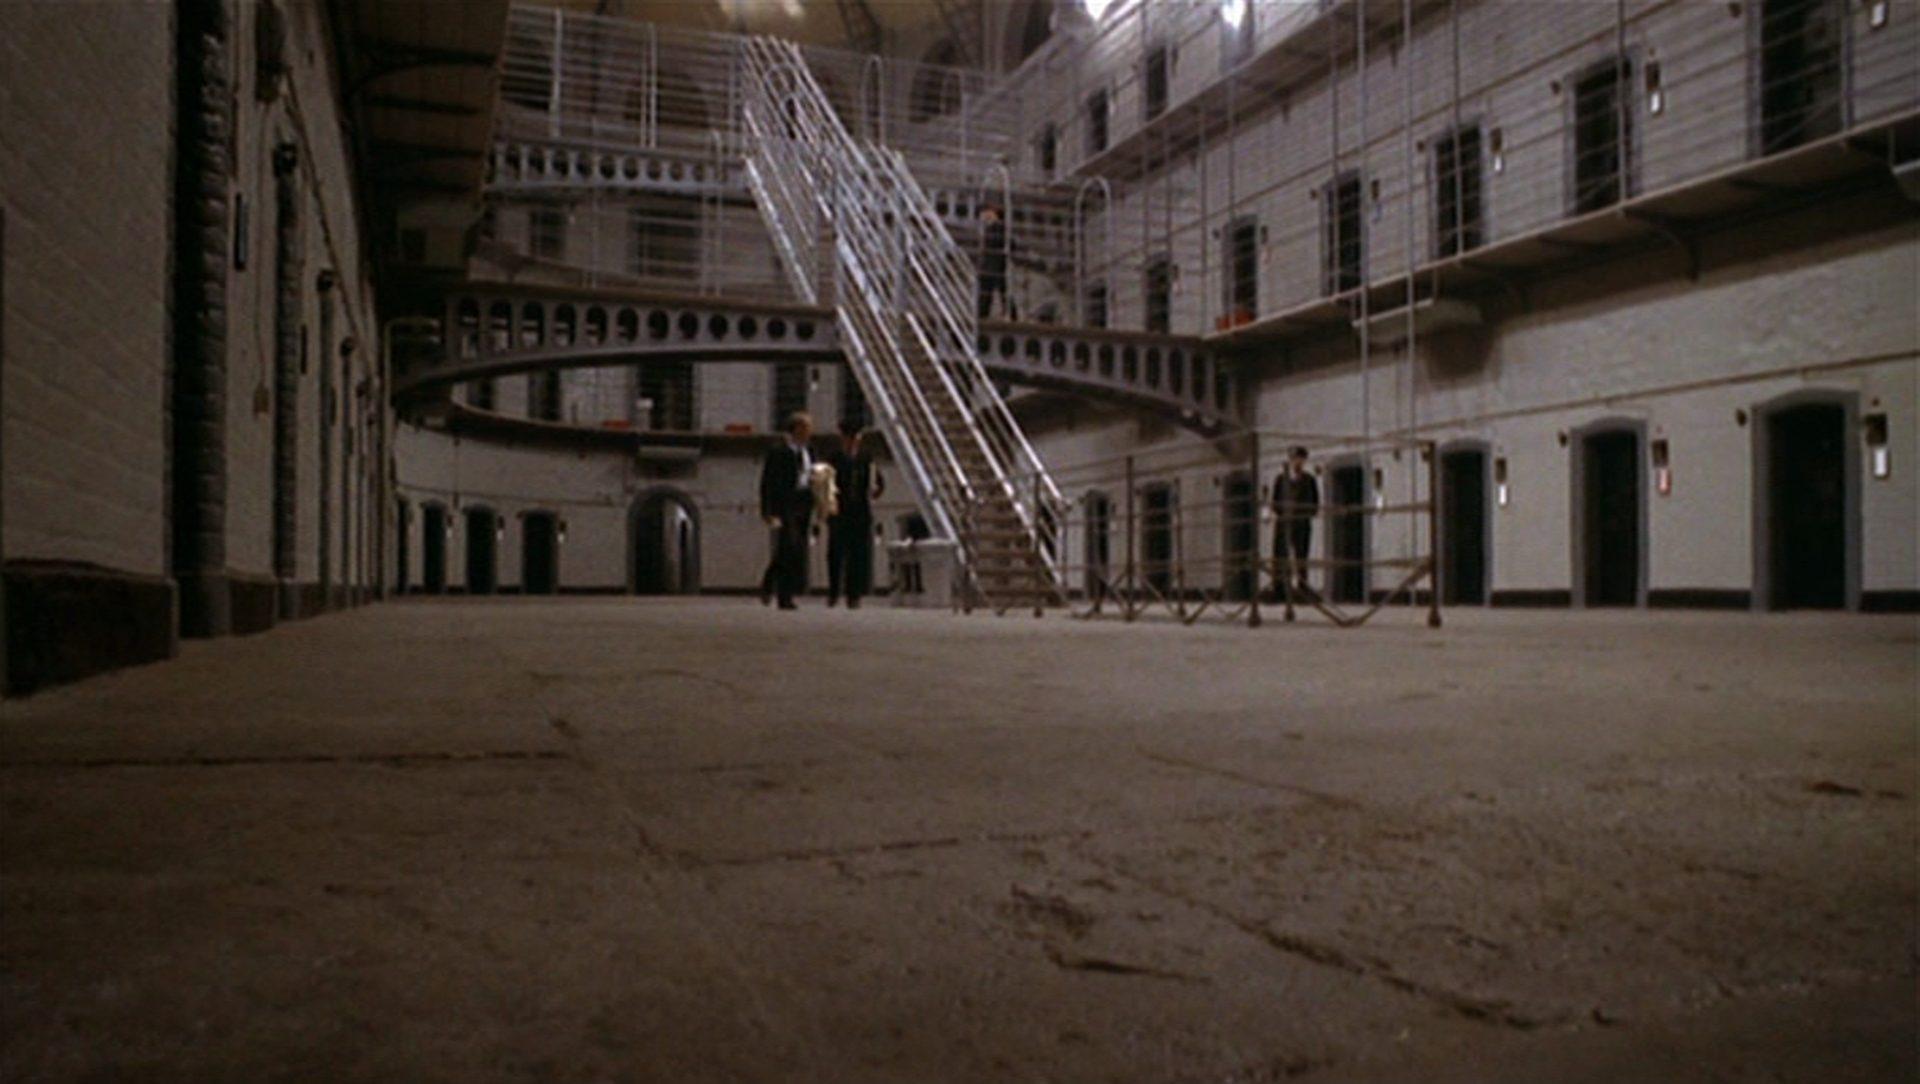 Froschperspektivischer Blick in einen großen Gefängnistrakt.